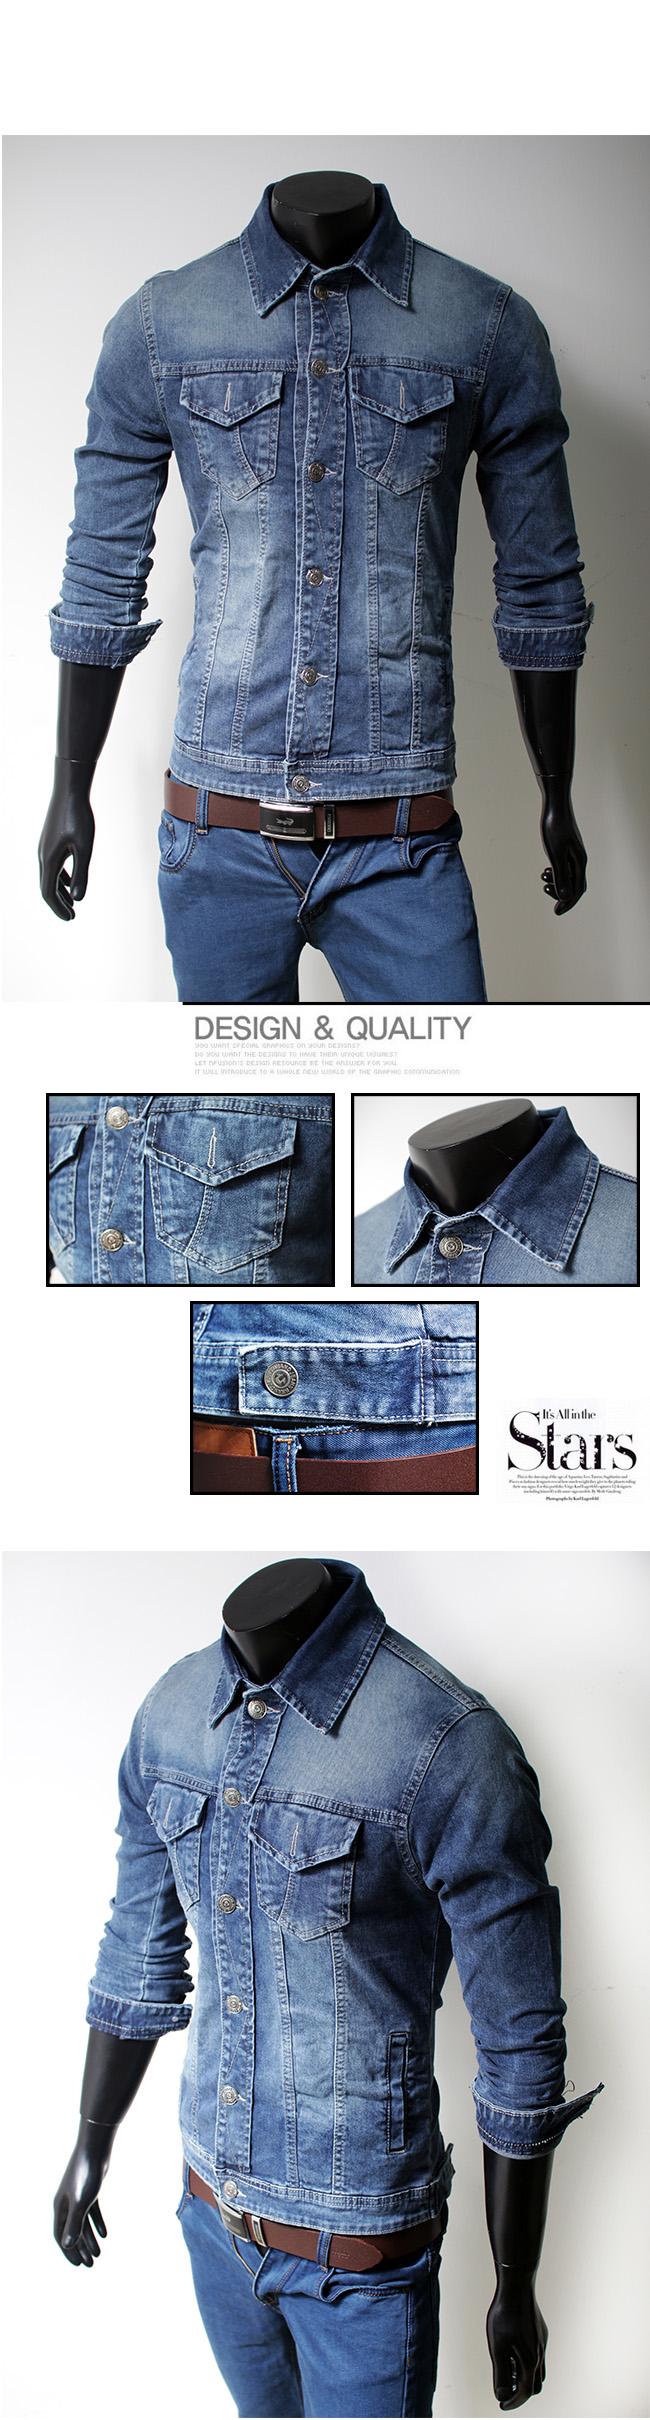 Áo khoác jean xanh dương akj01 - 1